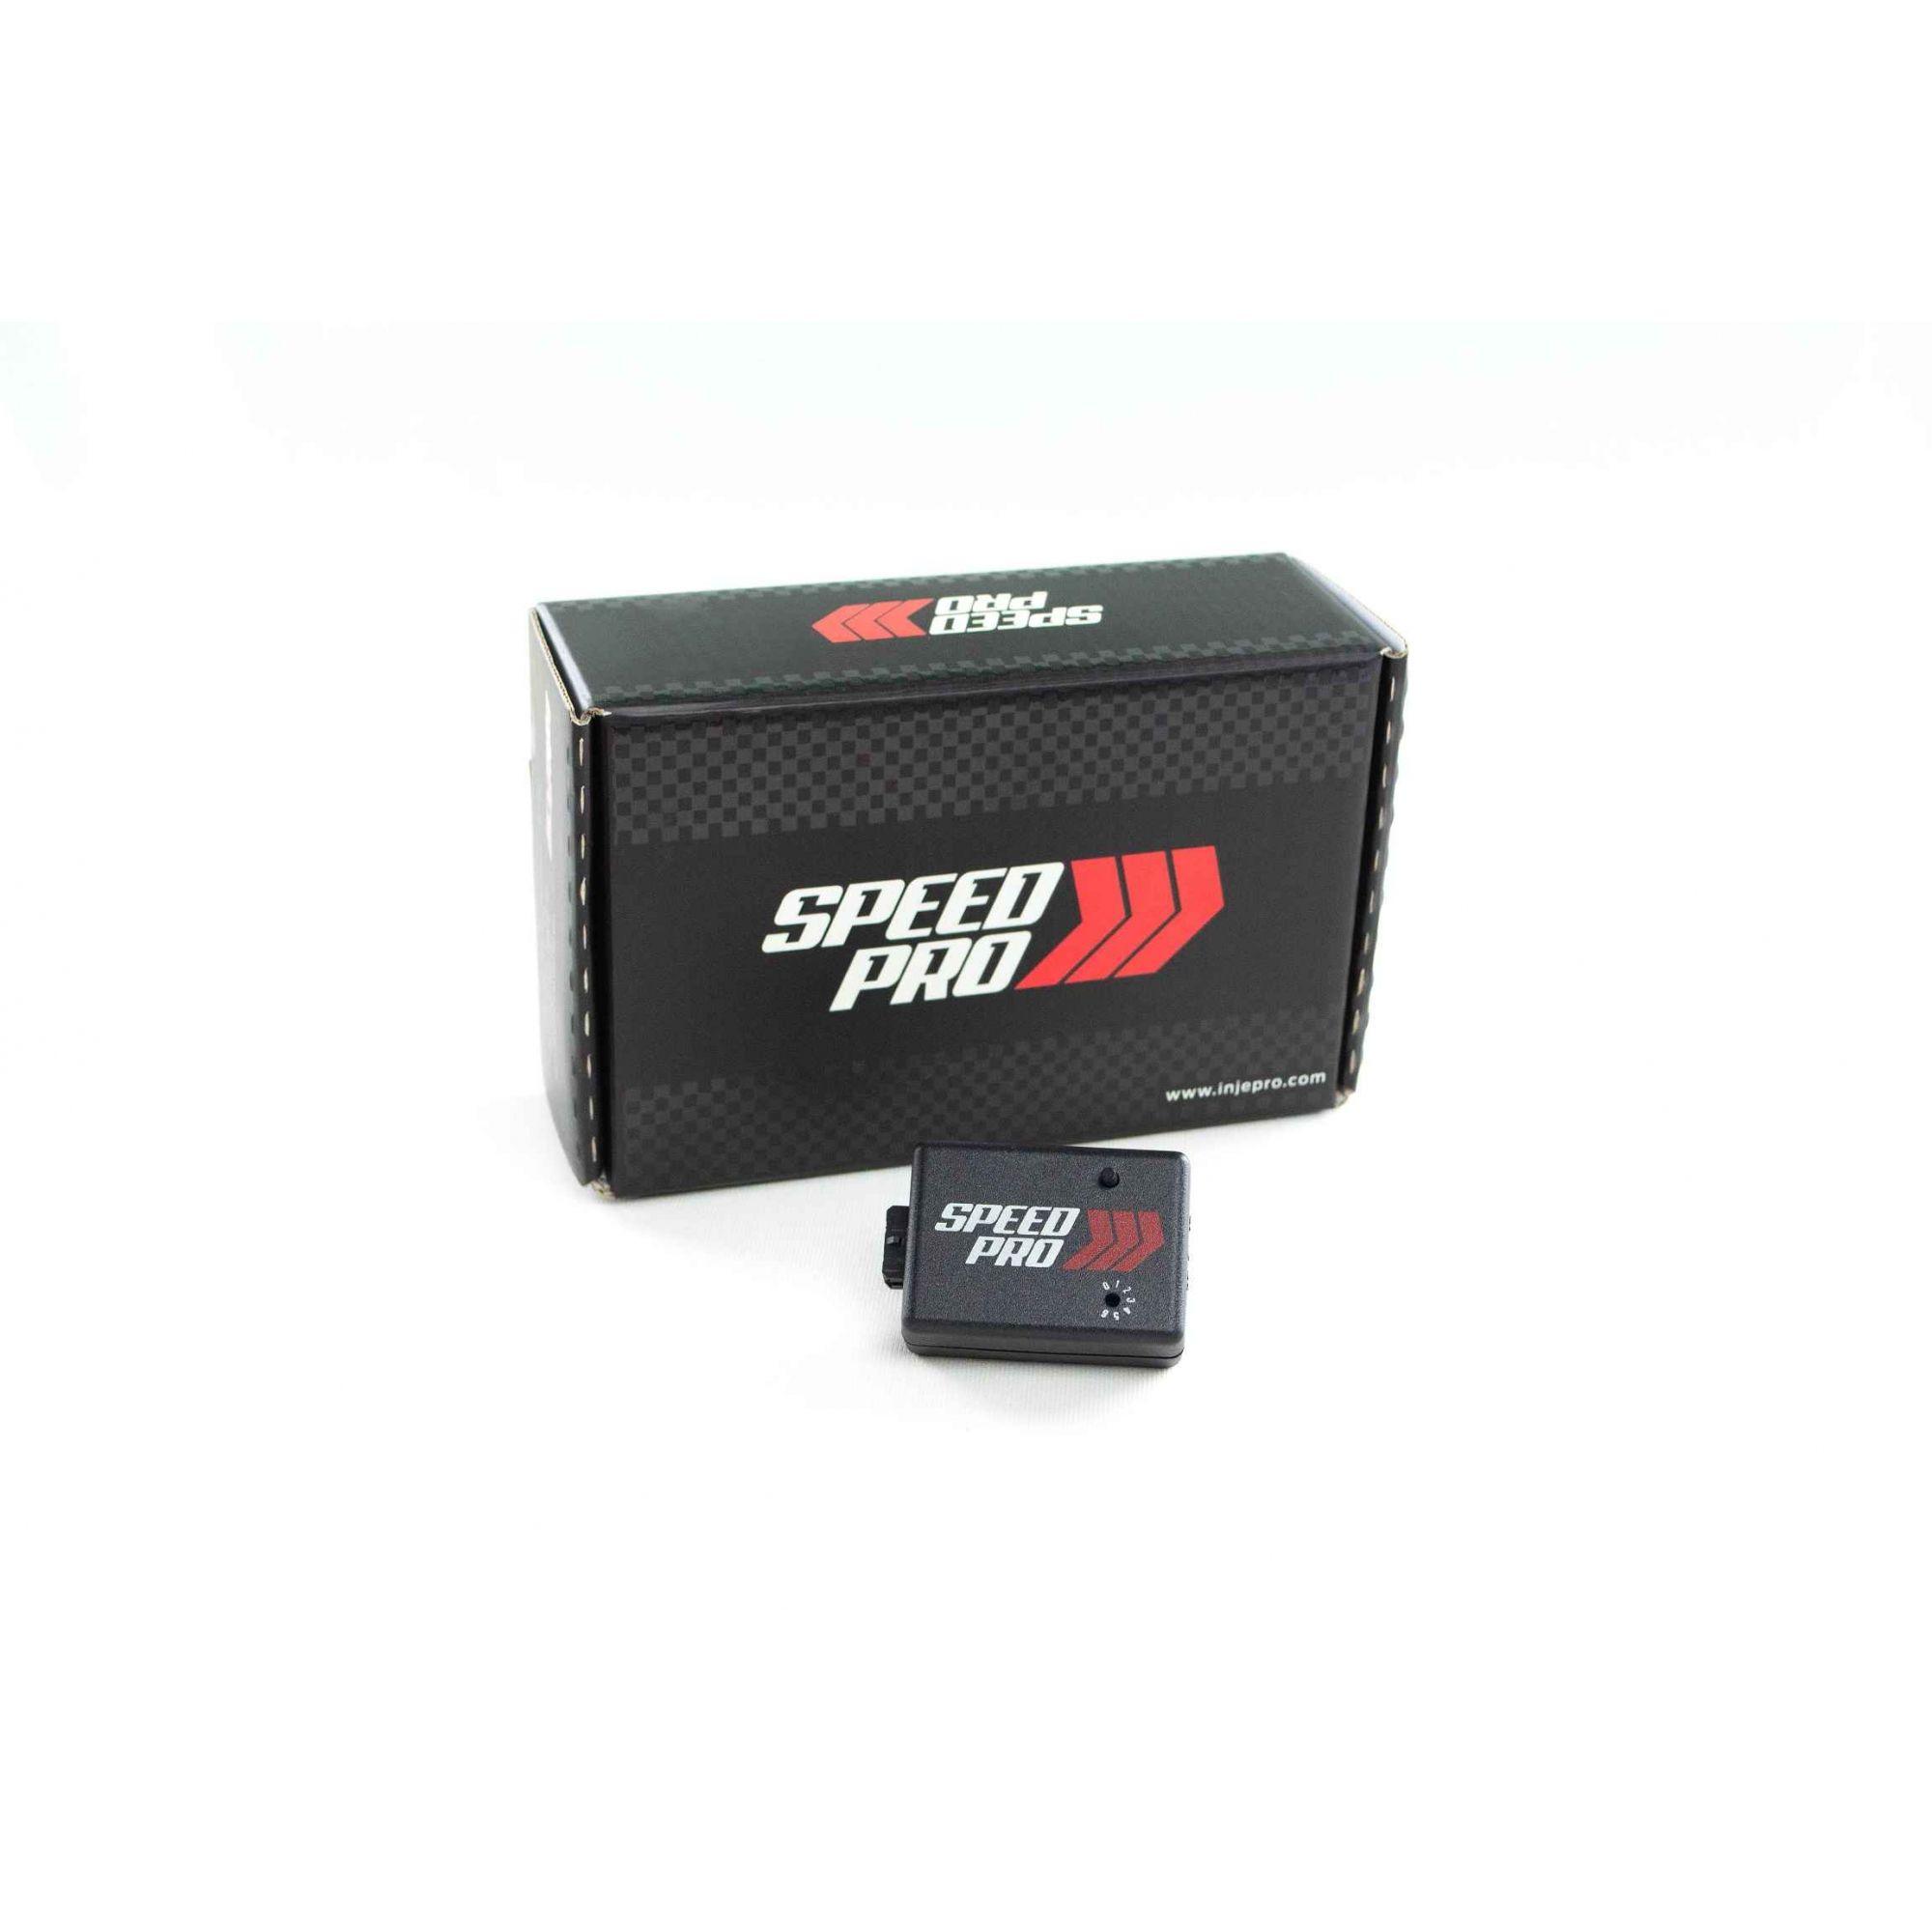 Chip De Potência Para Pedal Speedpro Para Honda Civic